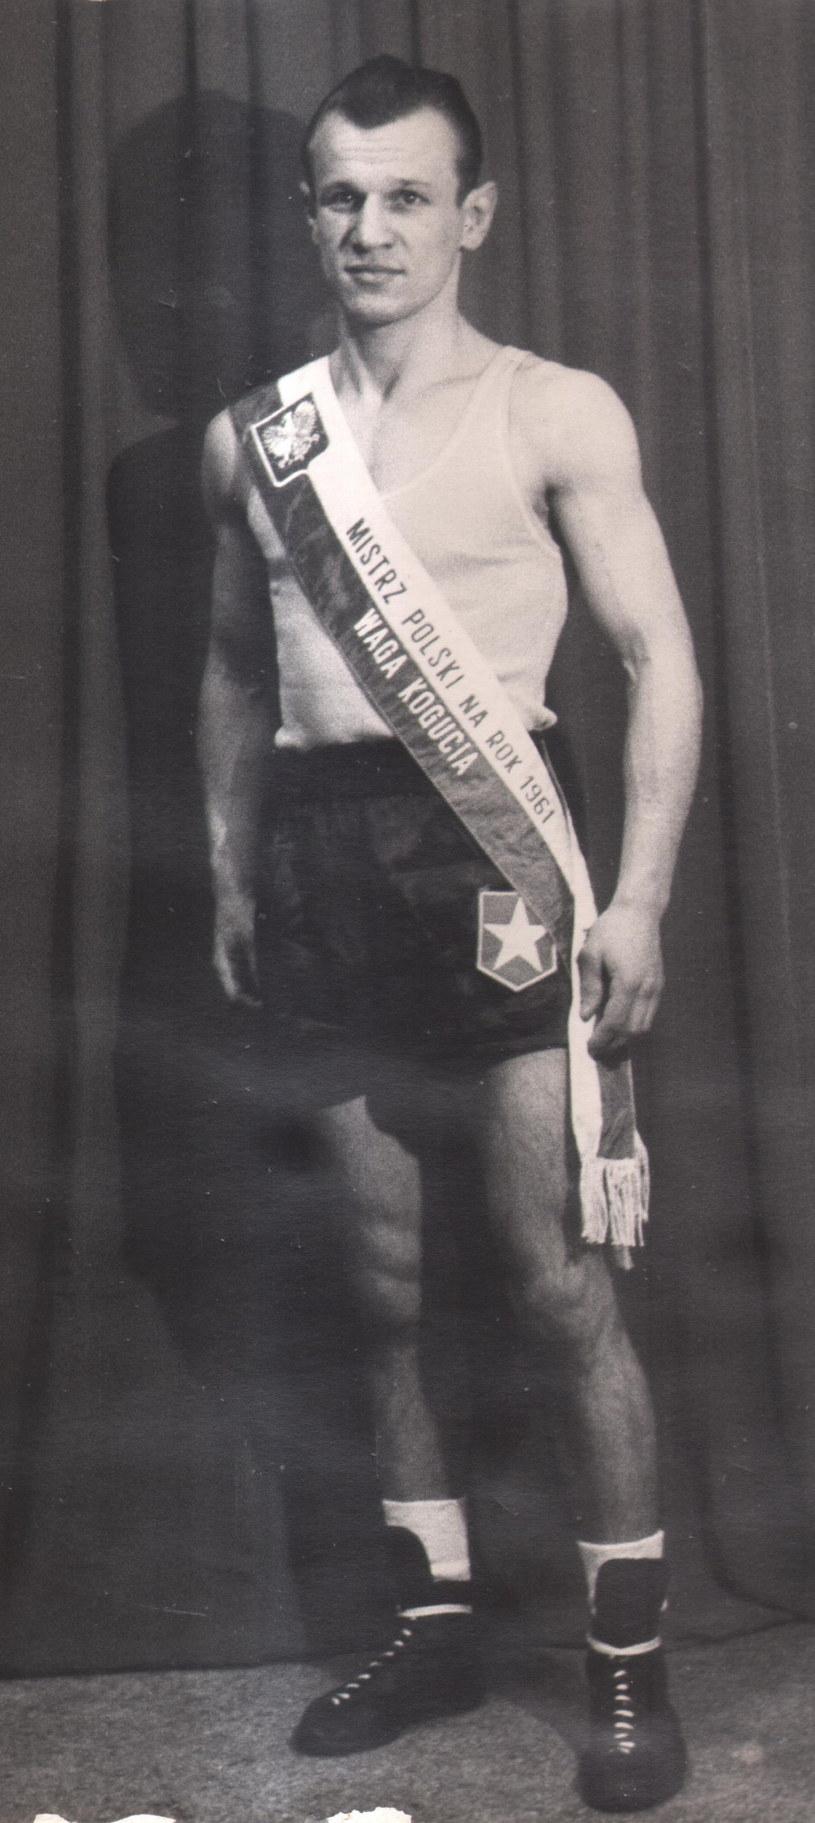 Teofil Kowalski po wywalczeniu tytułu mistrza Polski w 1961 roku w wadze koguciej /Archiwum rodzinne /